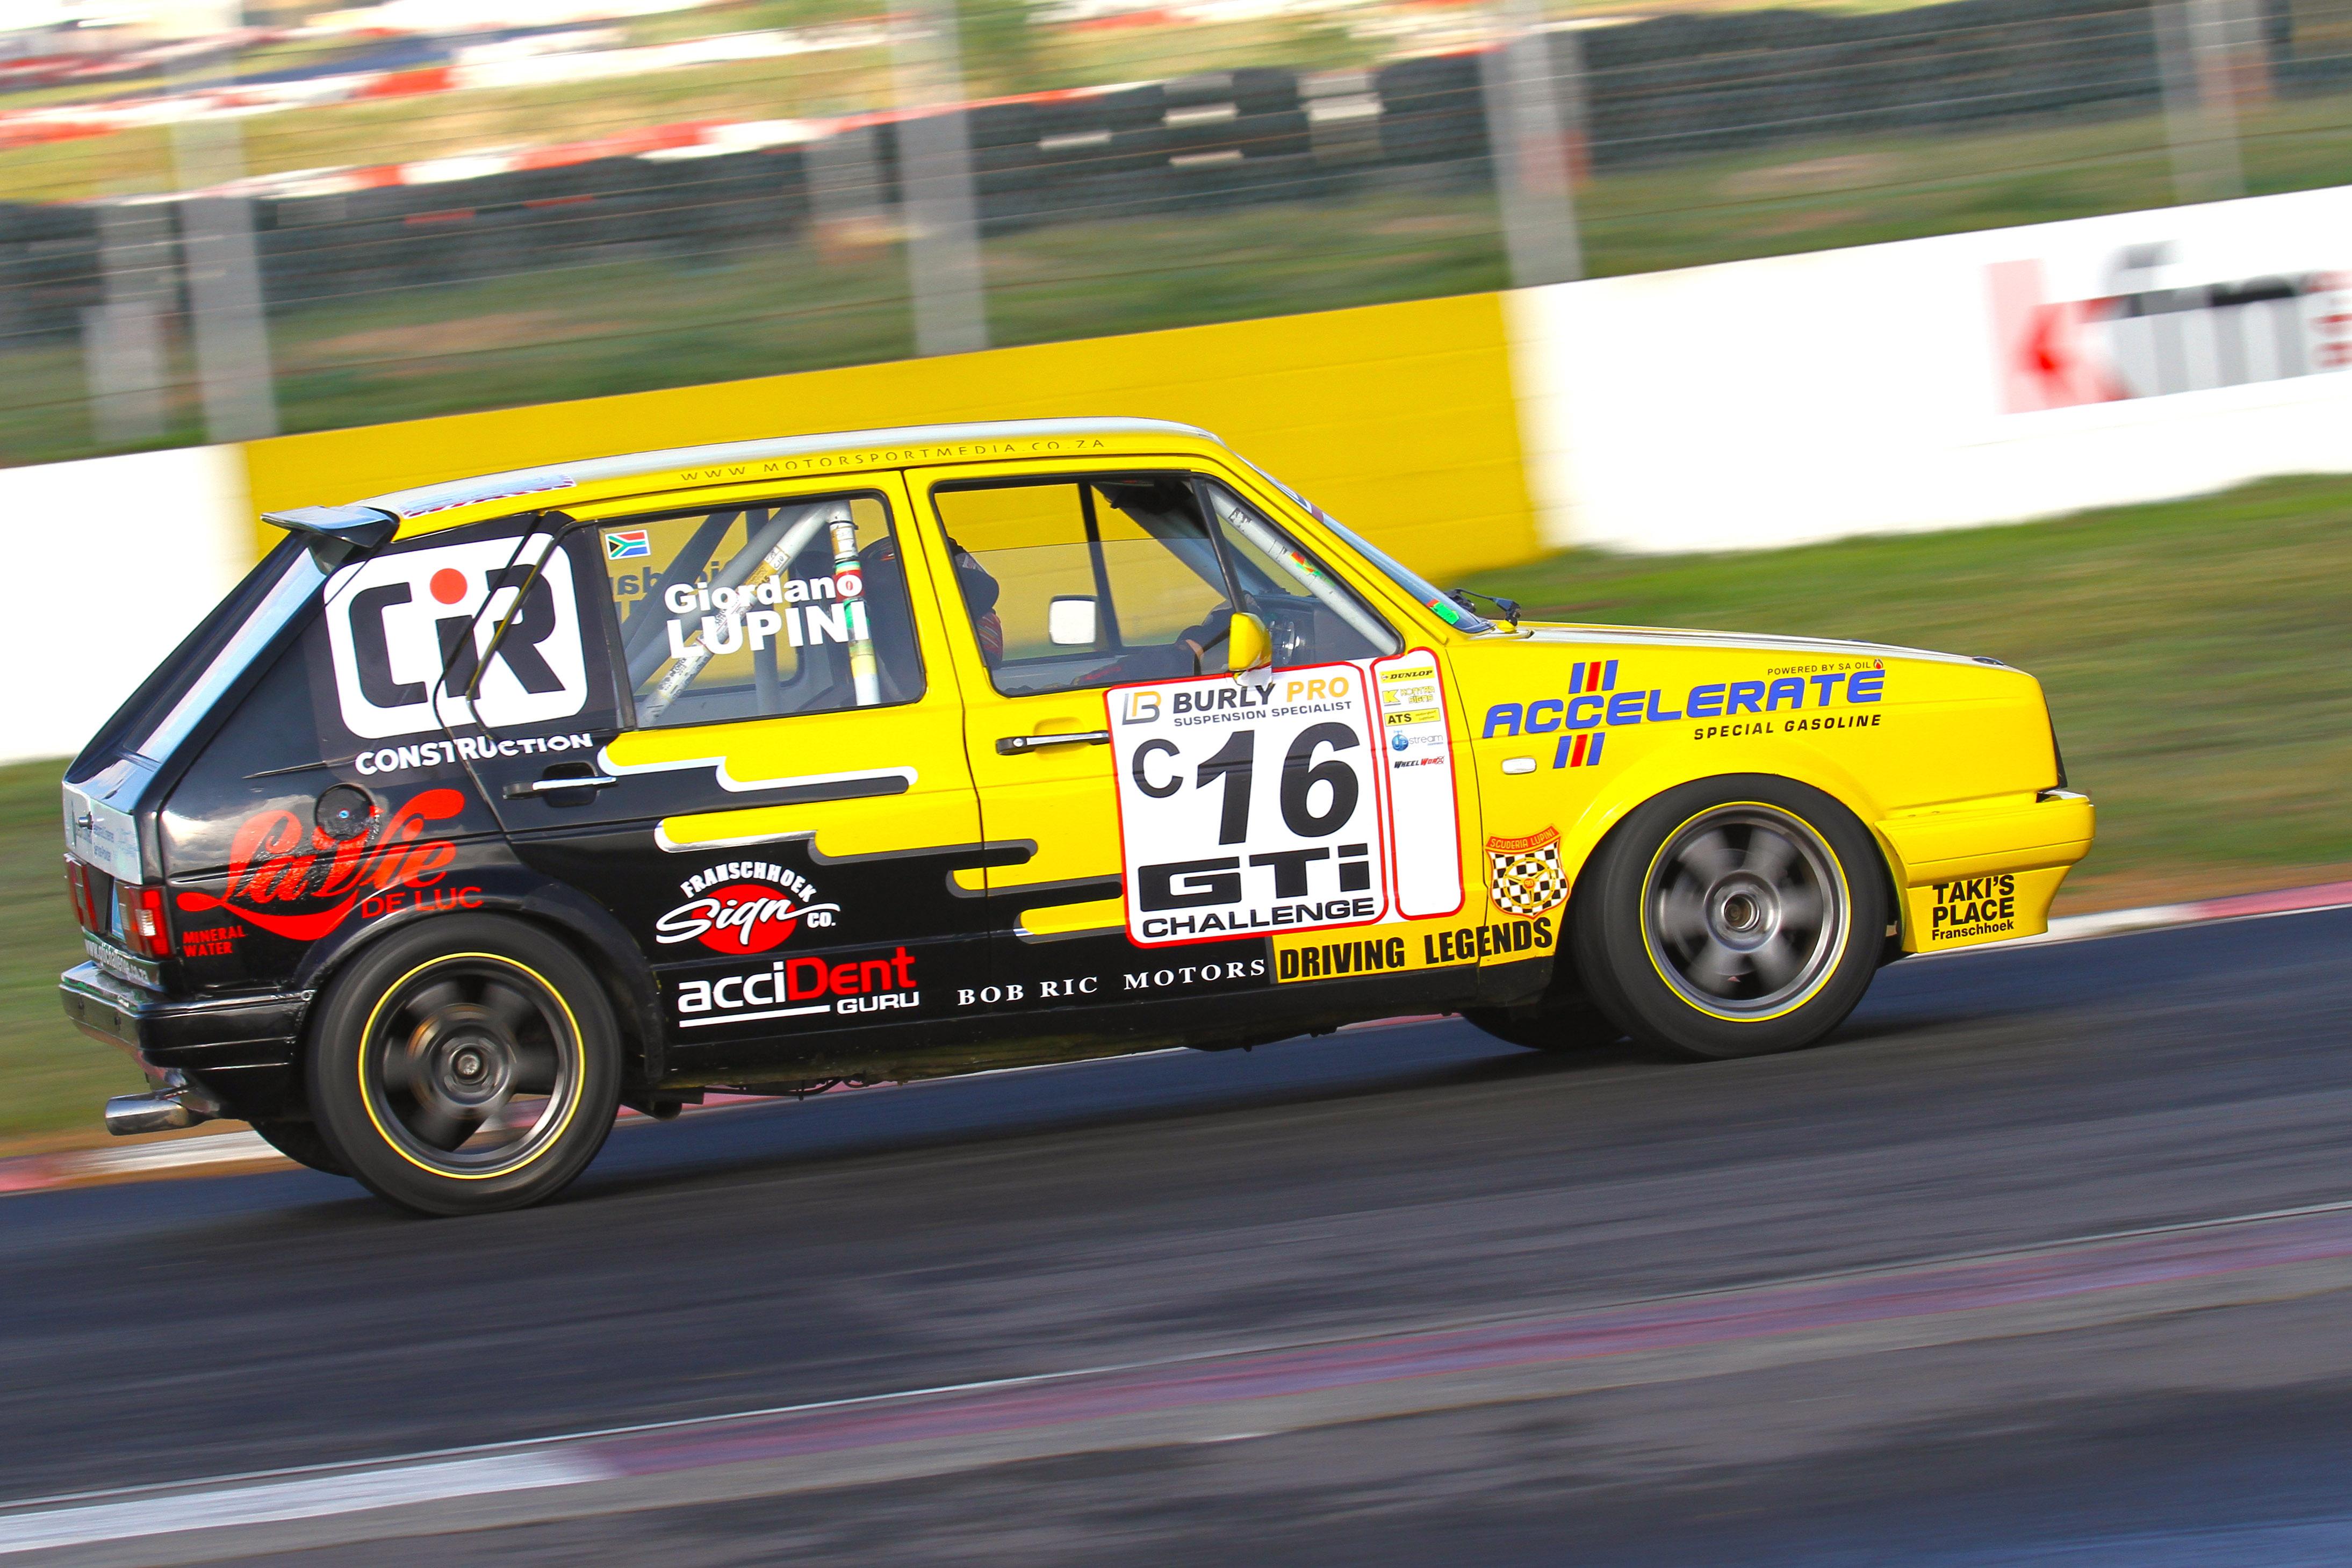 Giordano Lupini Racing